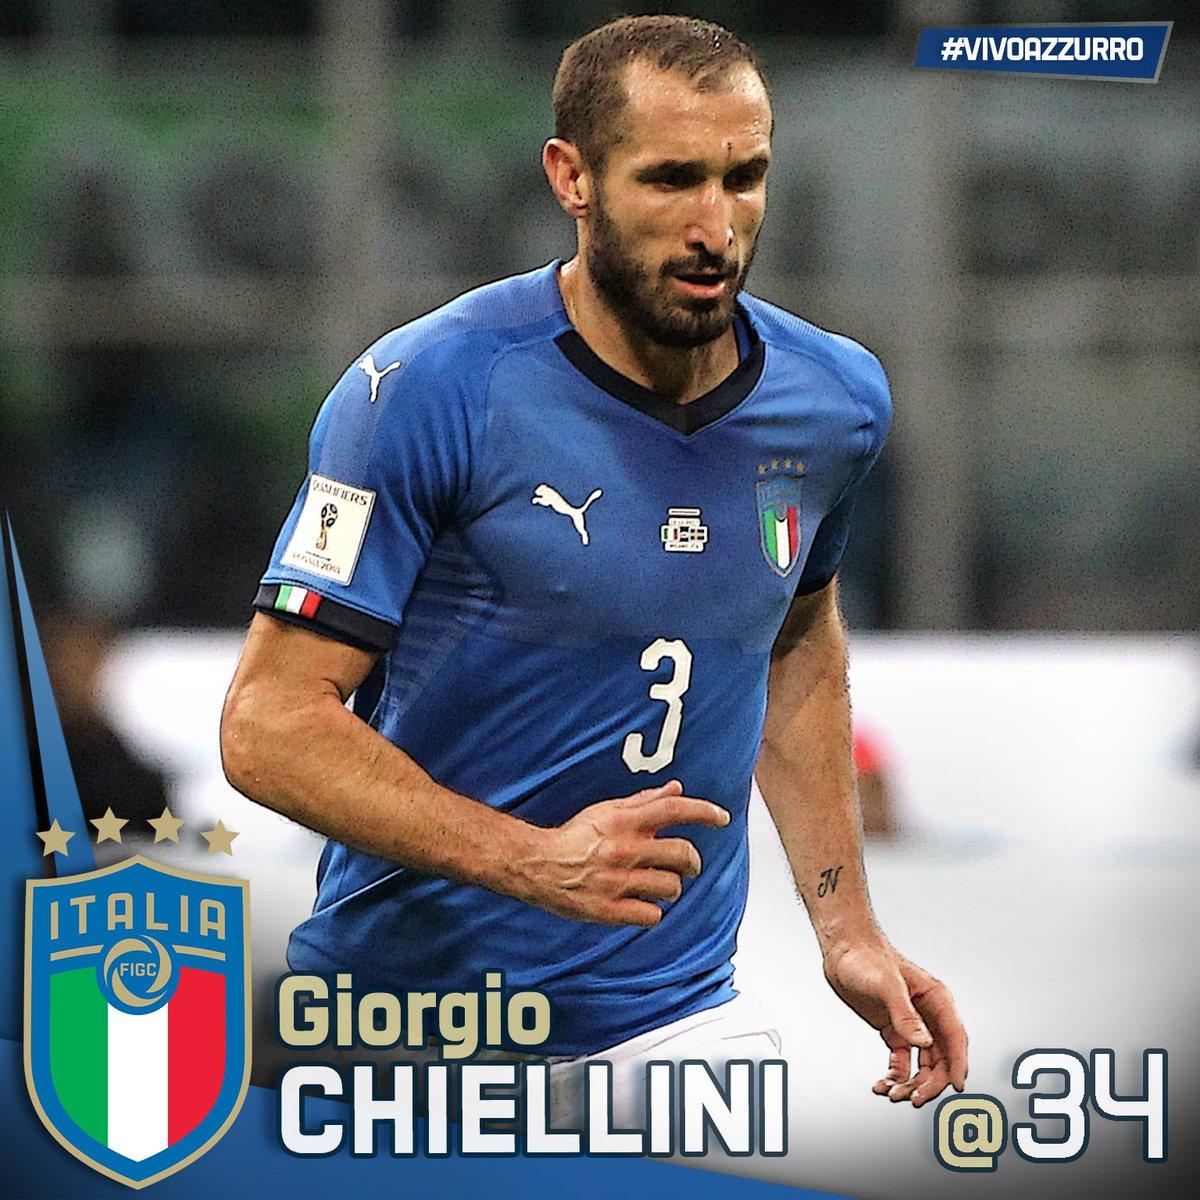 Buon compleanno a #GiorgioChiellini! 96 presenze in #Nazionale 8 #gol #Pisa, #14agosto 1984L\